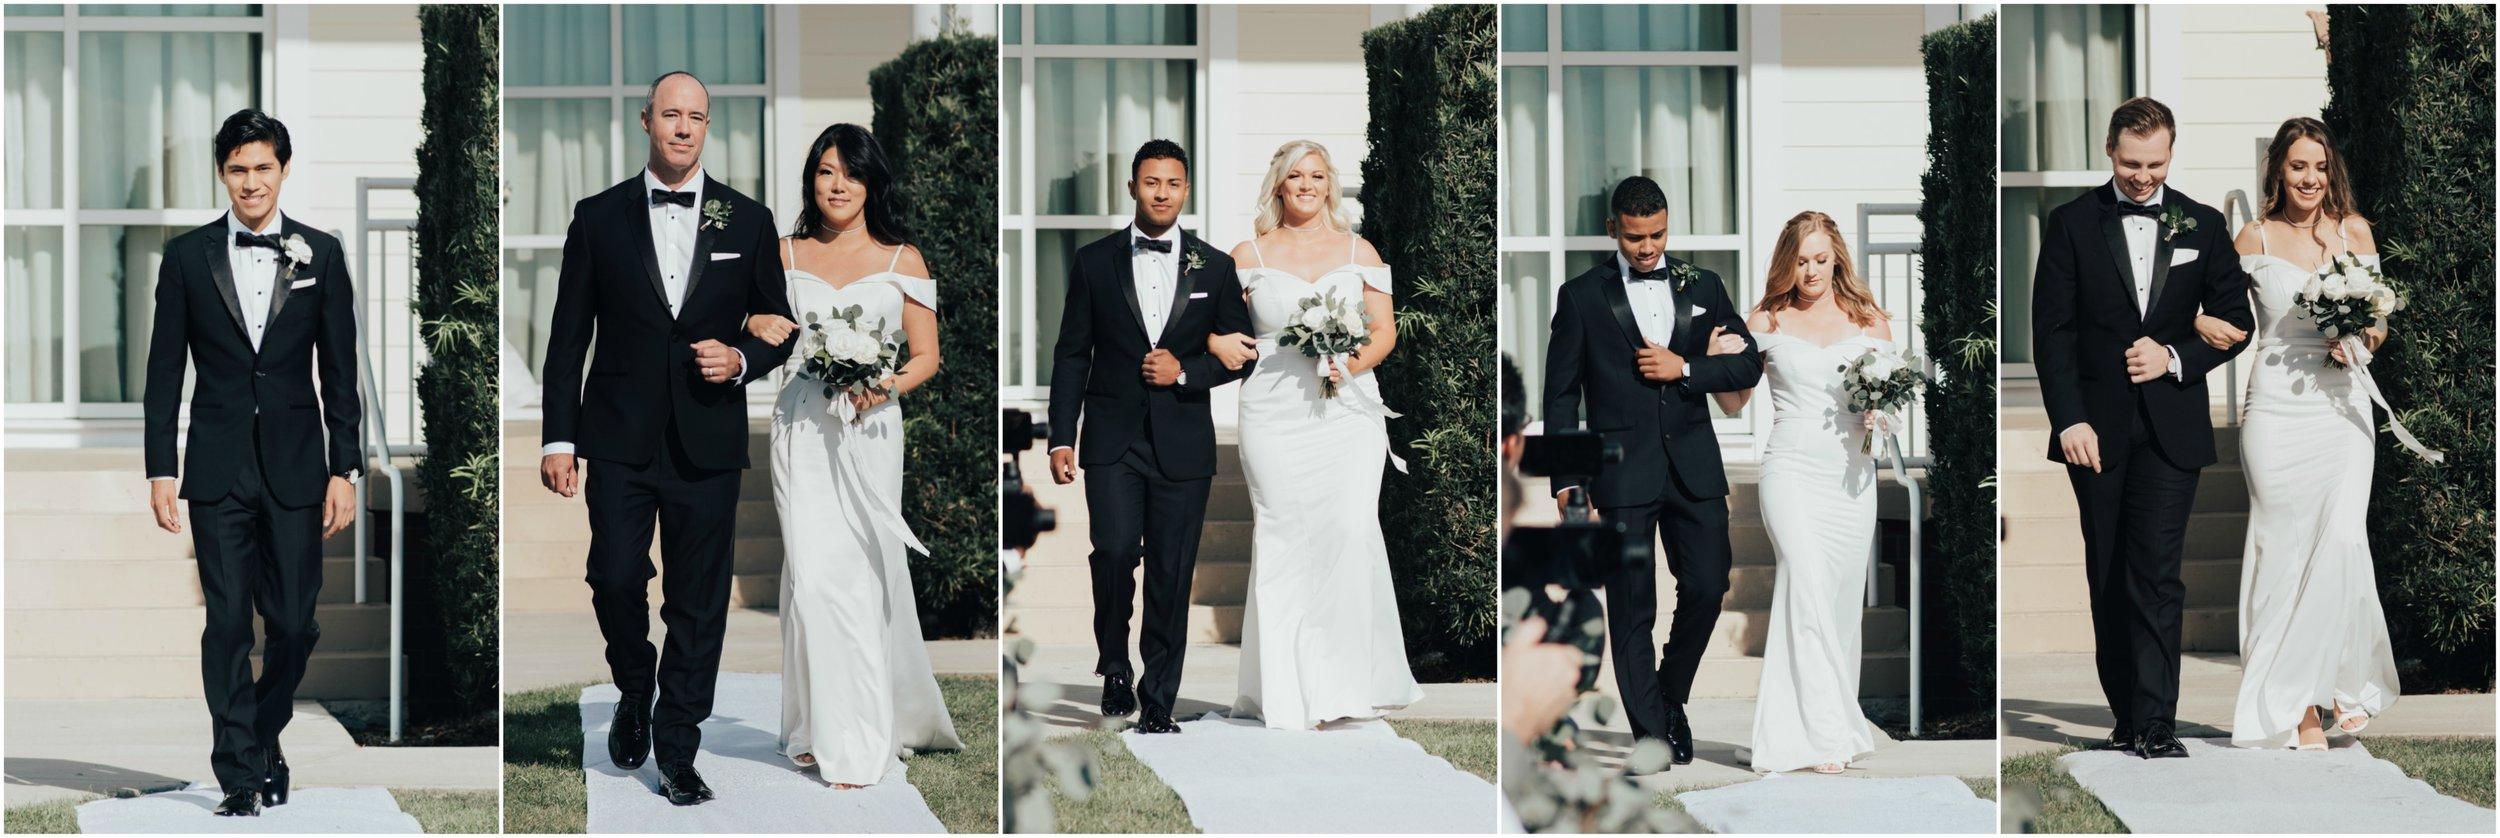 taylor-miguel-wedding-ceremony.jpg